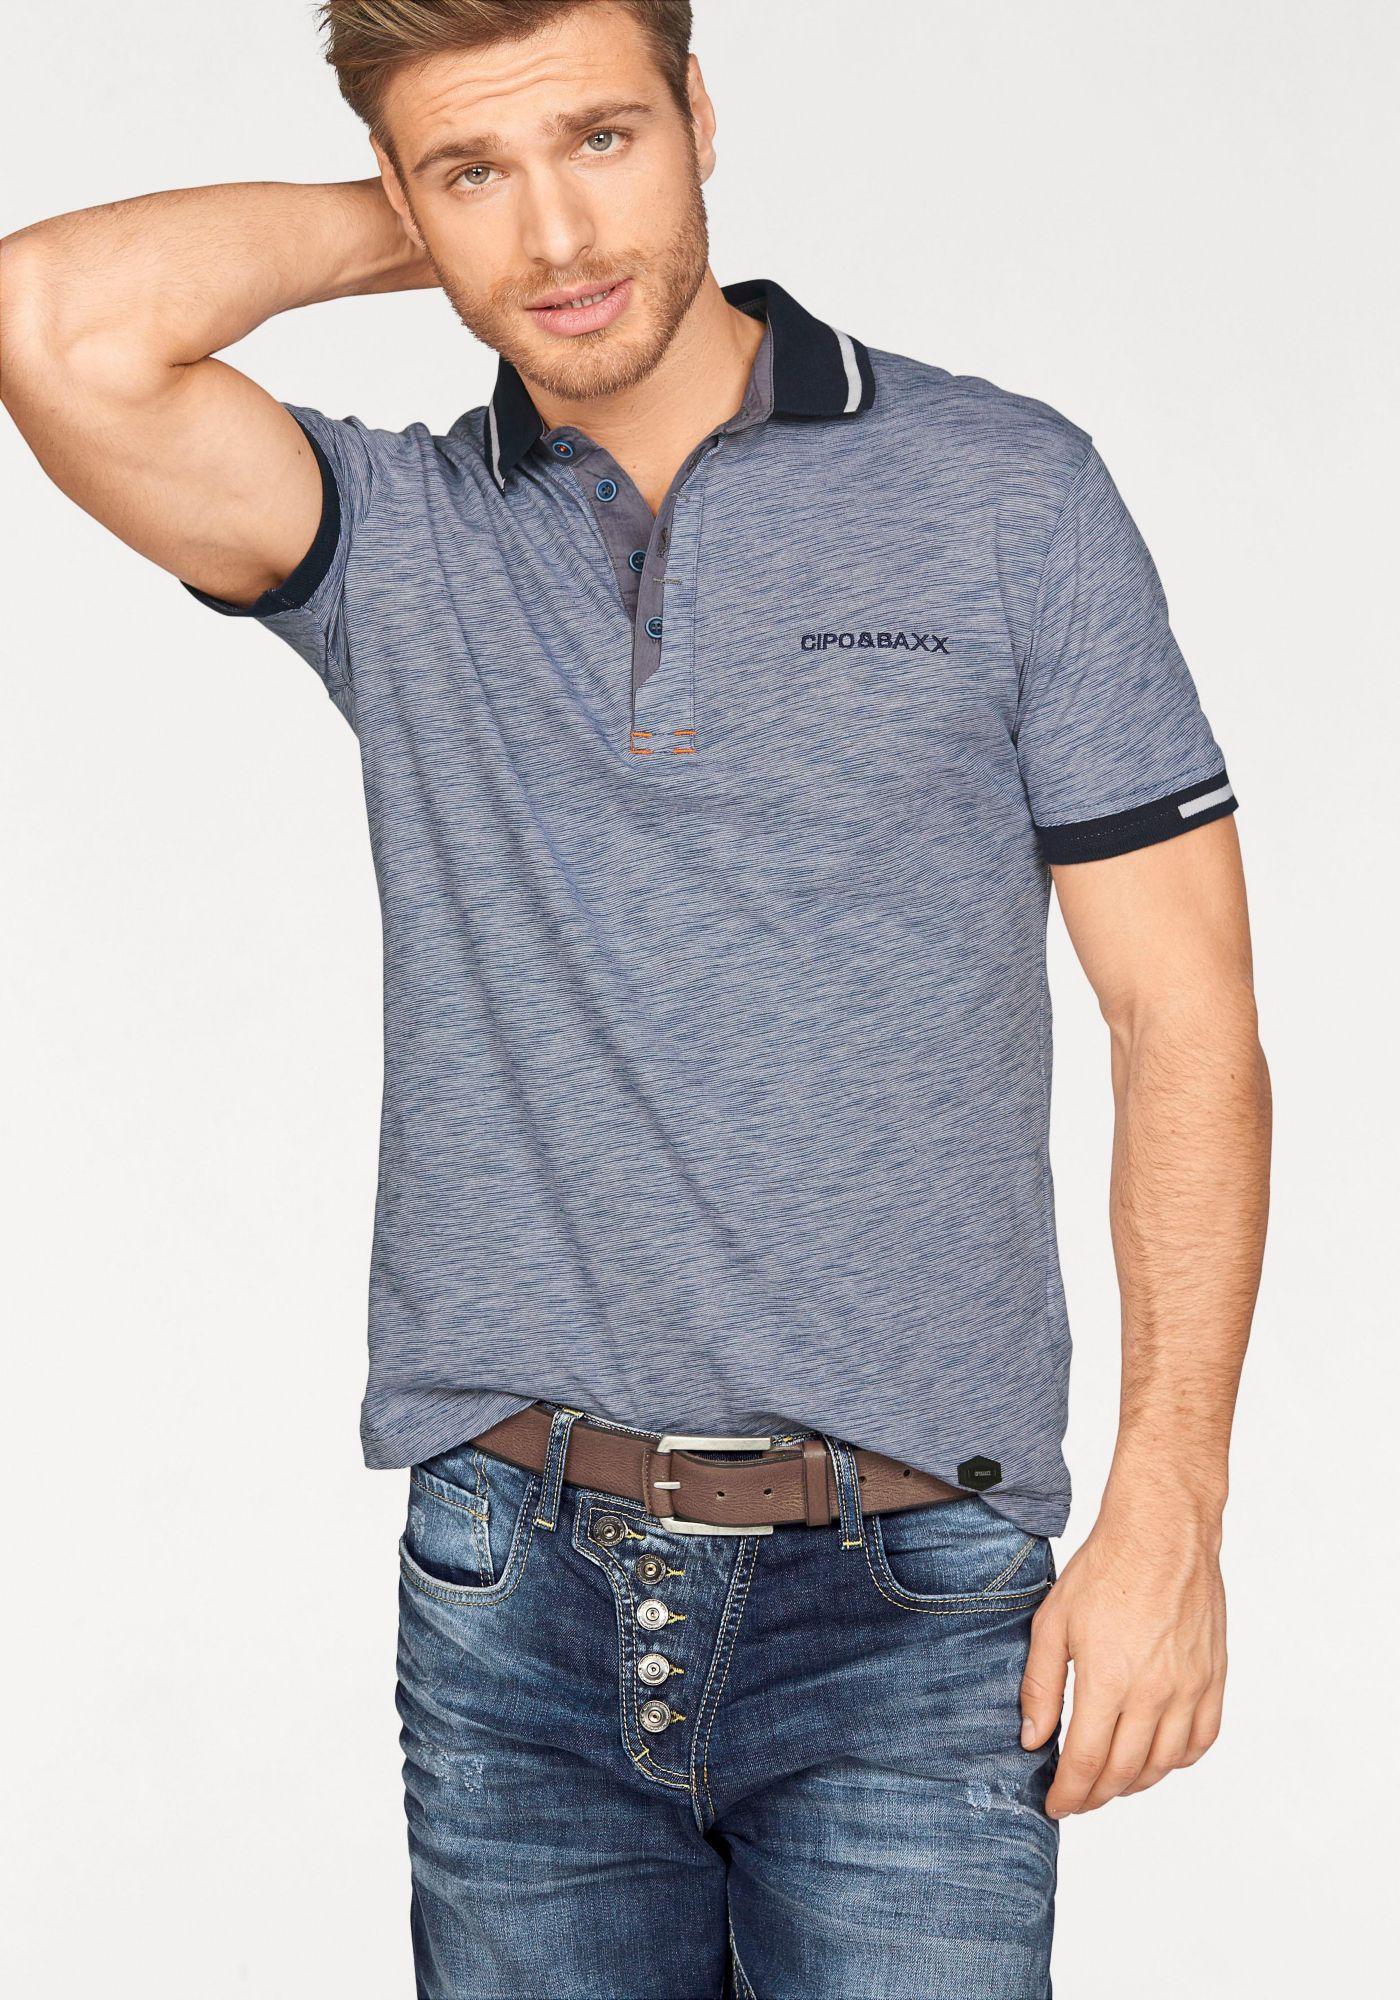 CIPO BAXX Cipo & Baxx Poloshirt